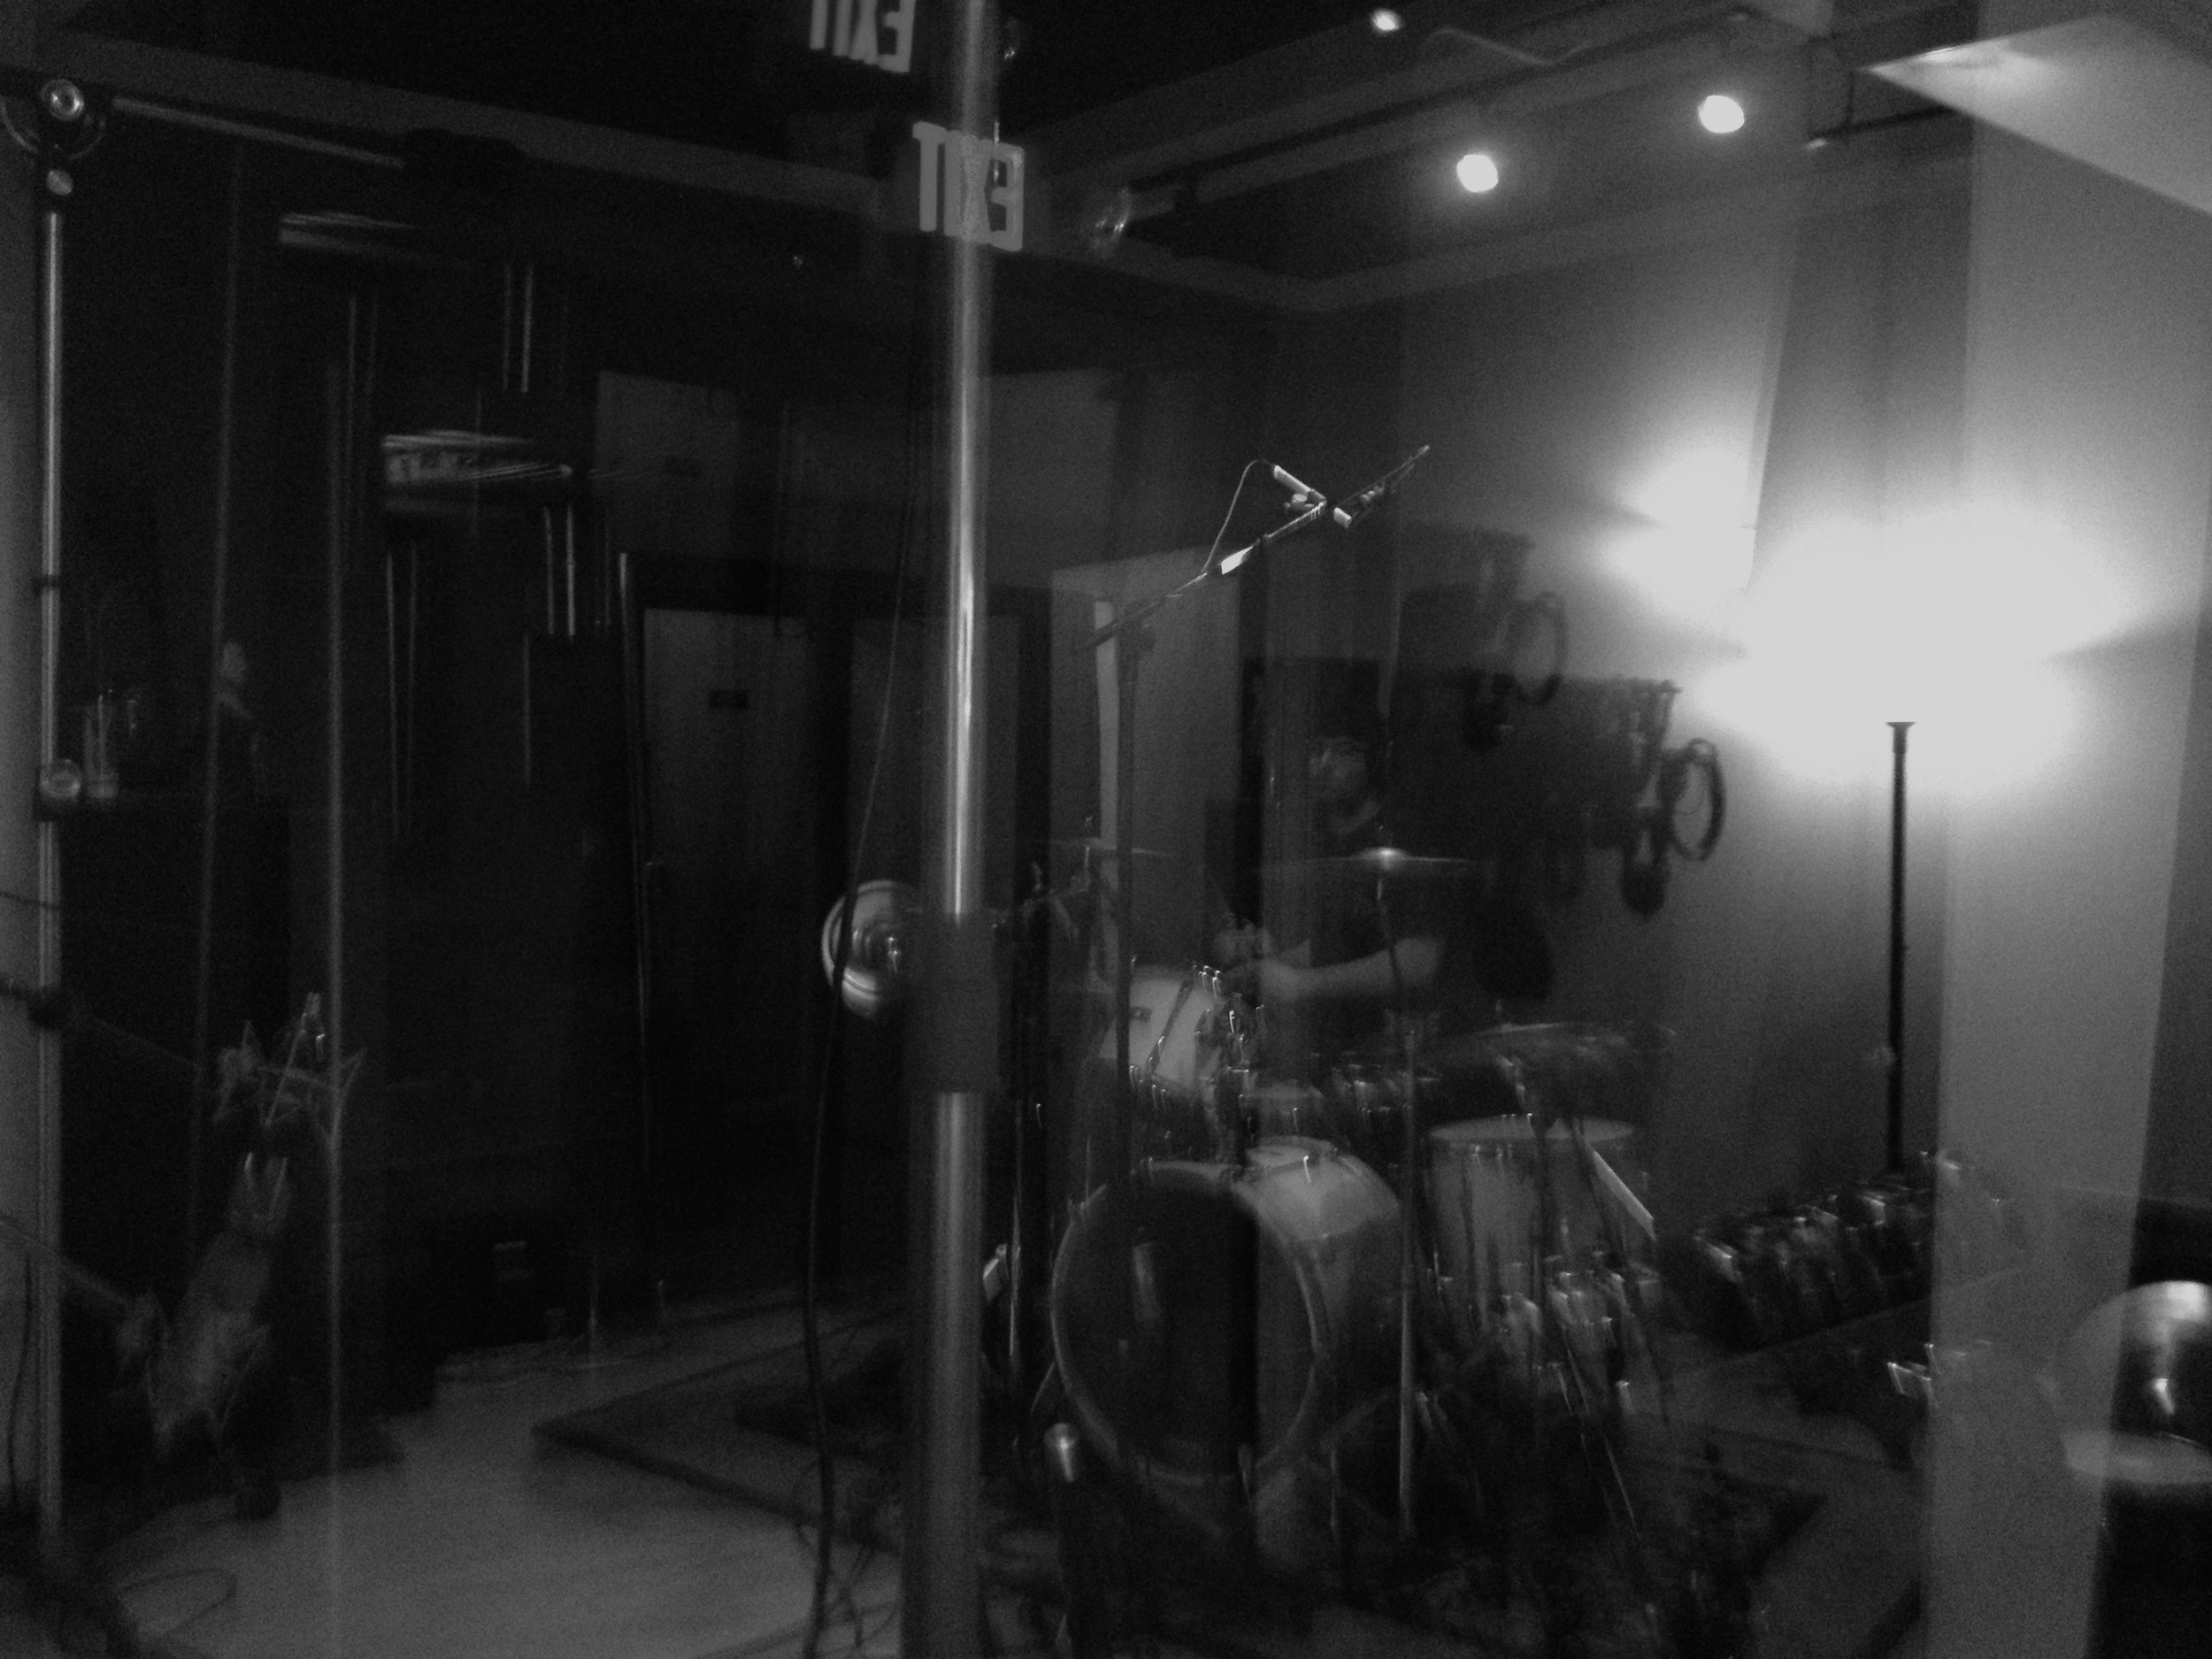 al in drum room.jpg